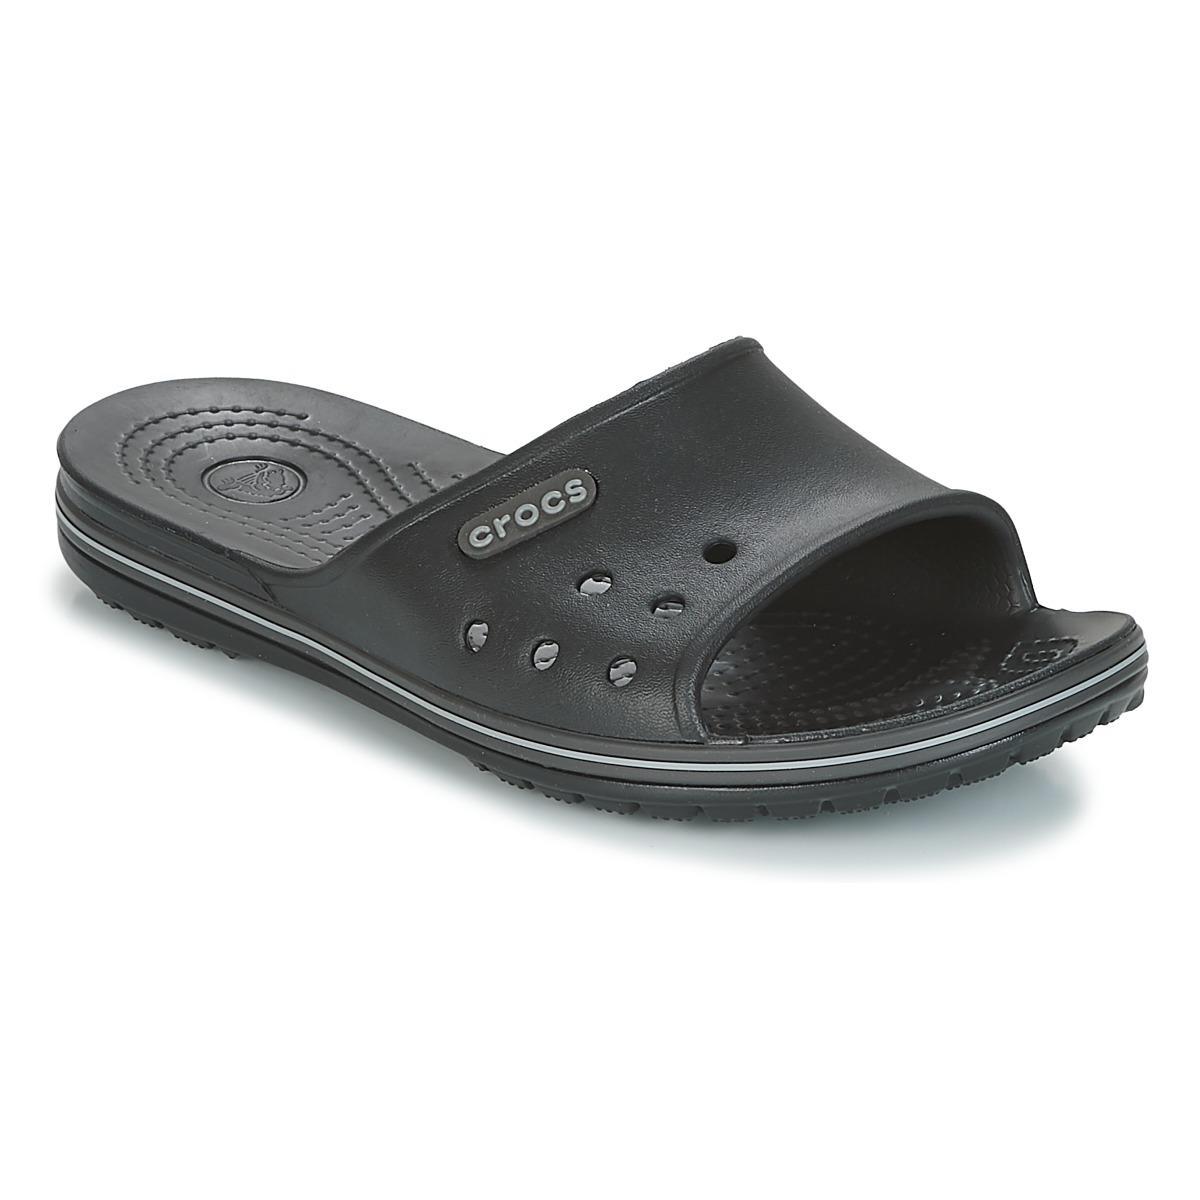 b65065690 Crocs™ - Black Crocband Ii Slide Sandals - Lyst. View fullscreen